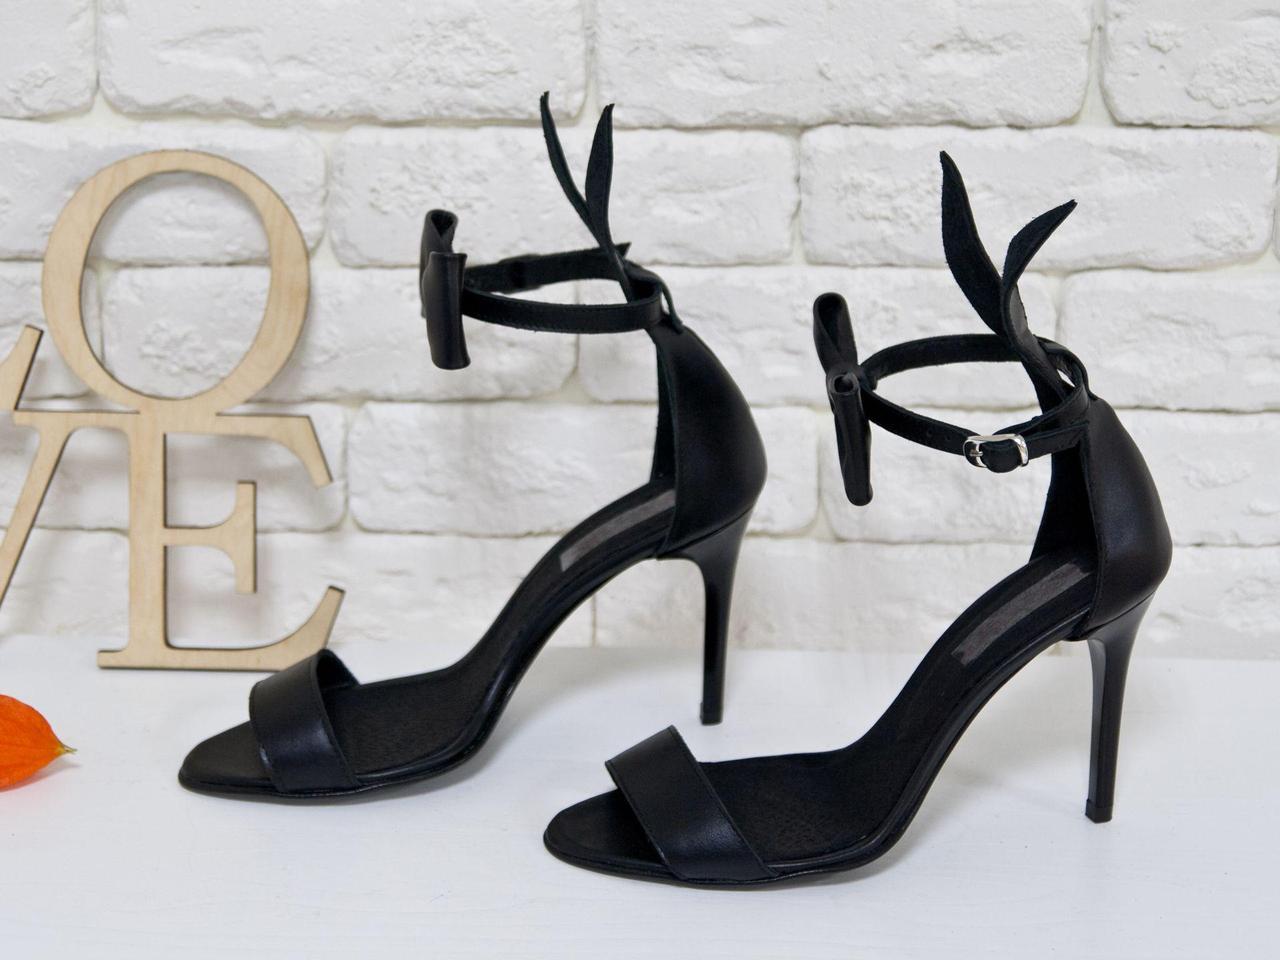 """Босоножки с ушками """"Bunny"""" из натуральной кожи черного цвета, на каблуке-шпилька"""